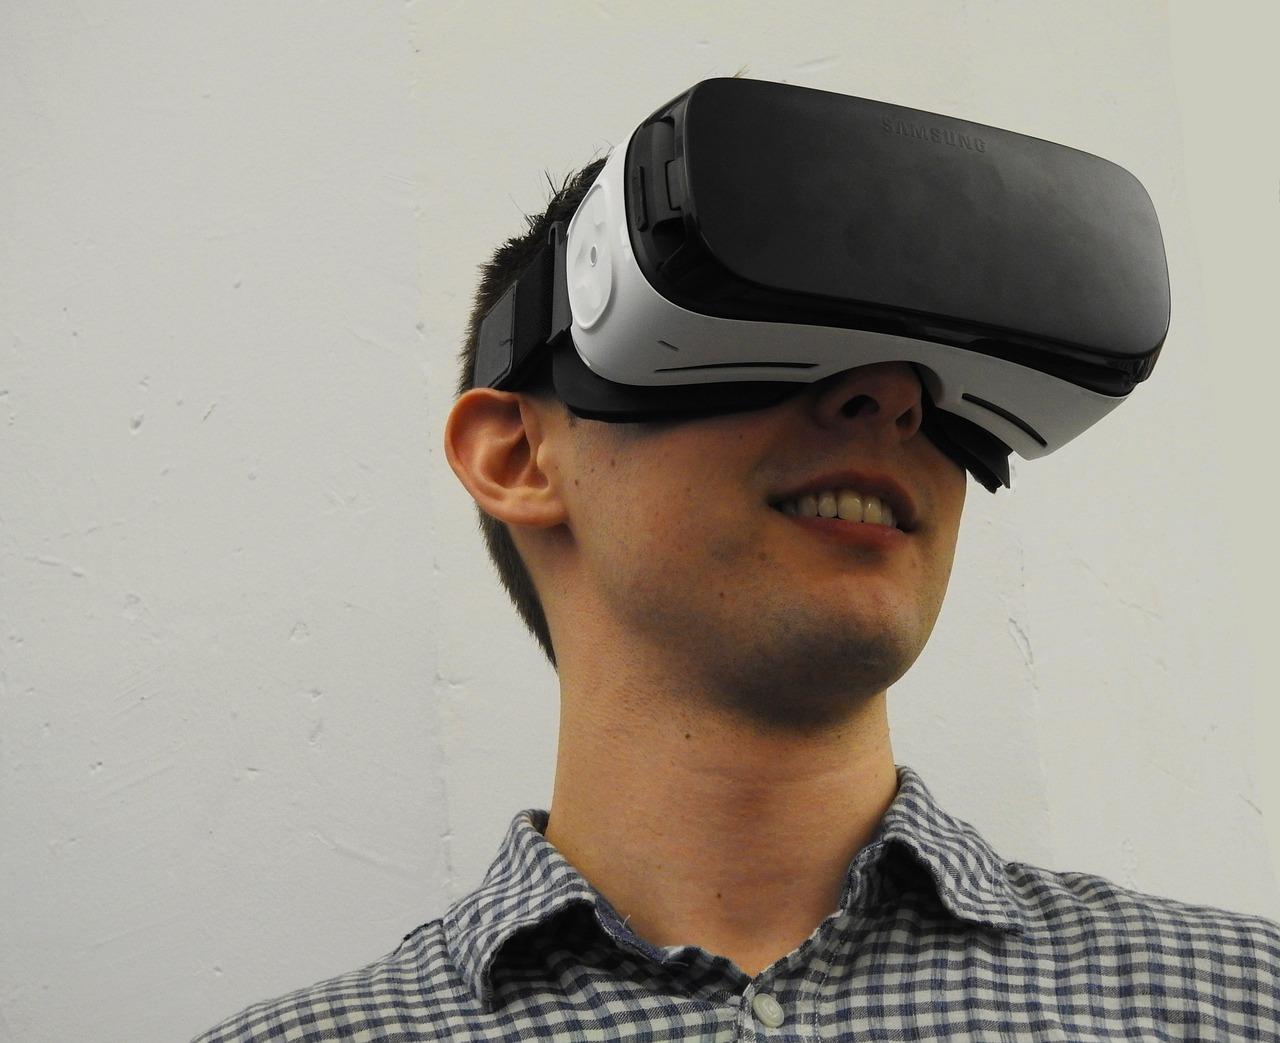 Où en est-on avec la réalité virtuelle ?